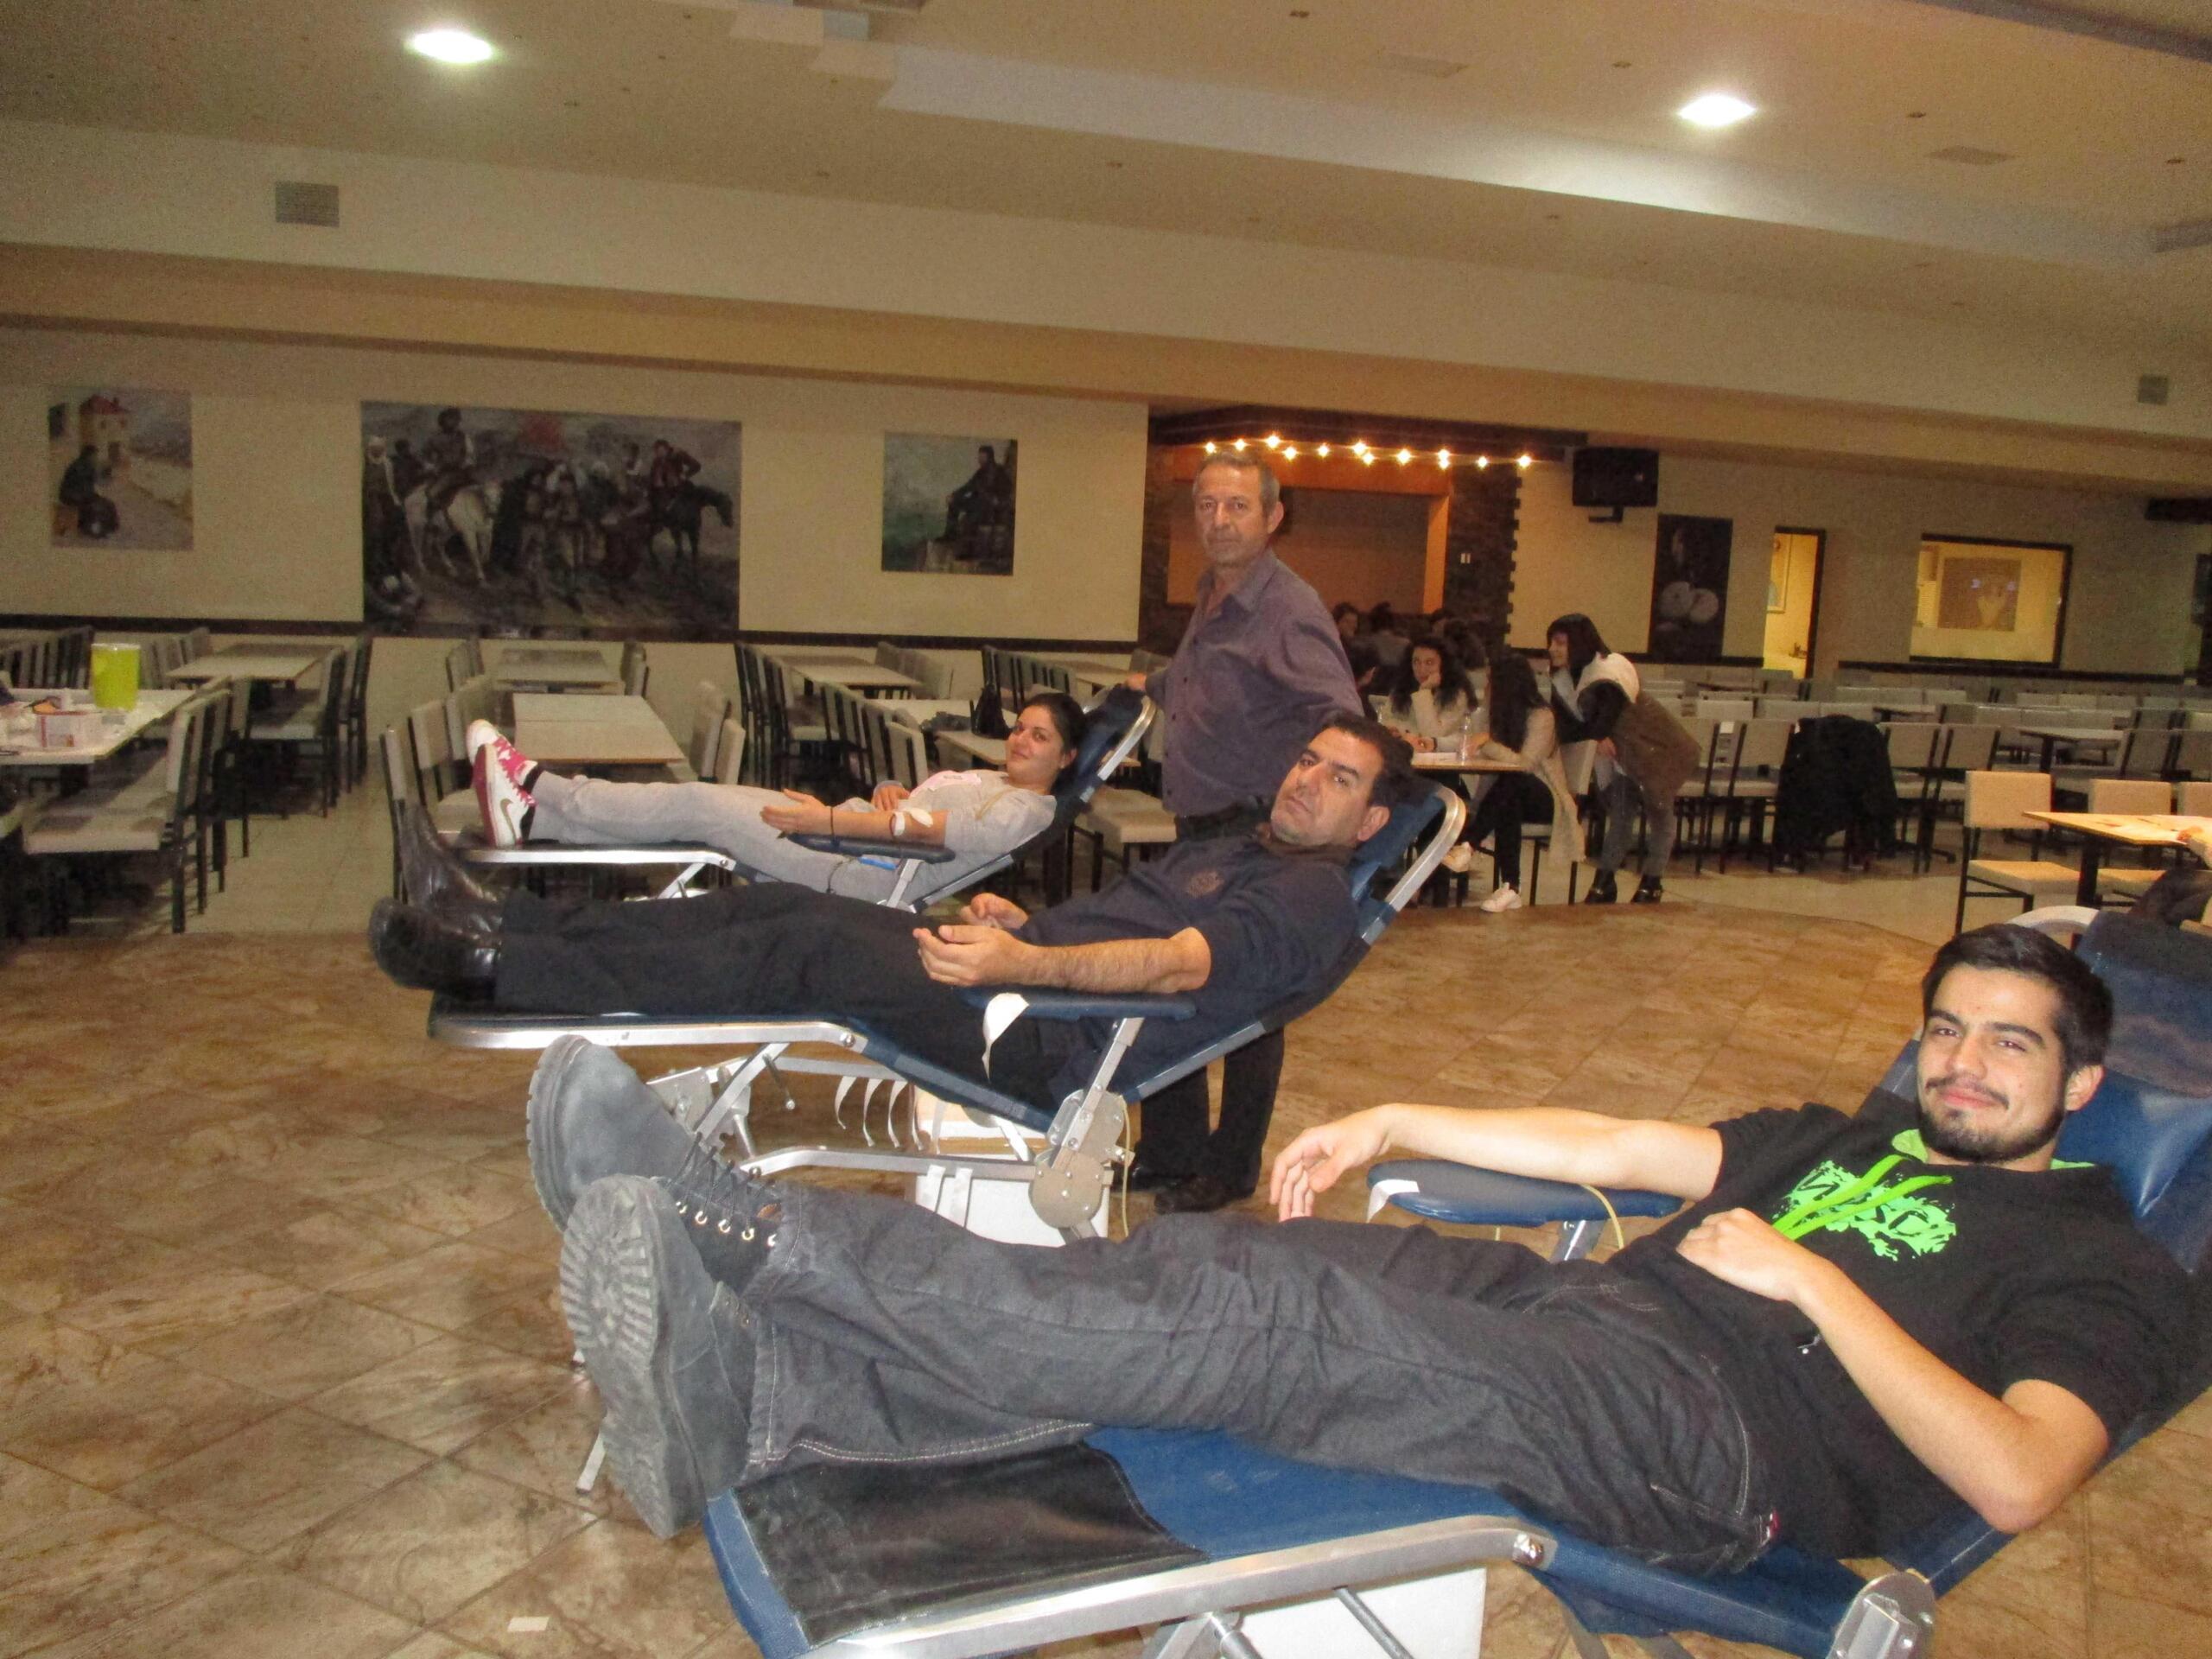 Ένας ακόμη Δωρητής ζωής από τον Σύλλογο Εθελοντών Αιμοδοτών Κοζάνης